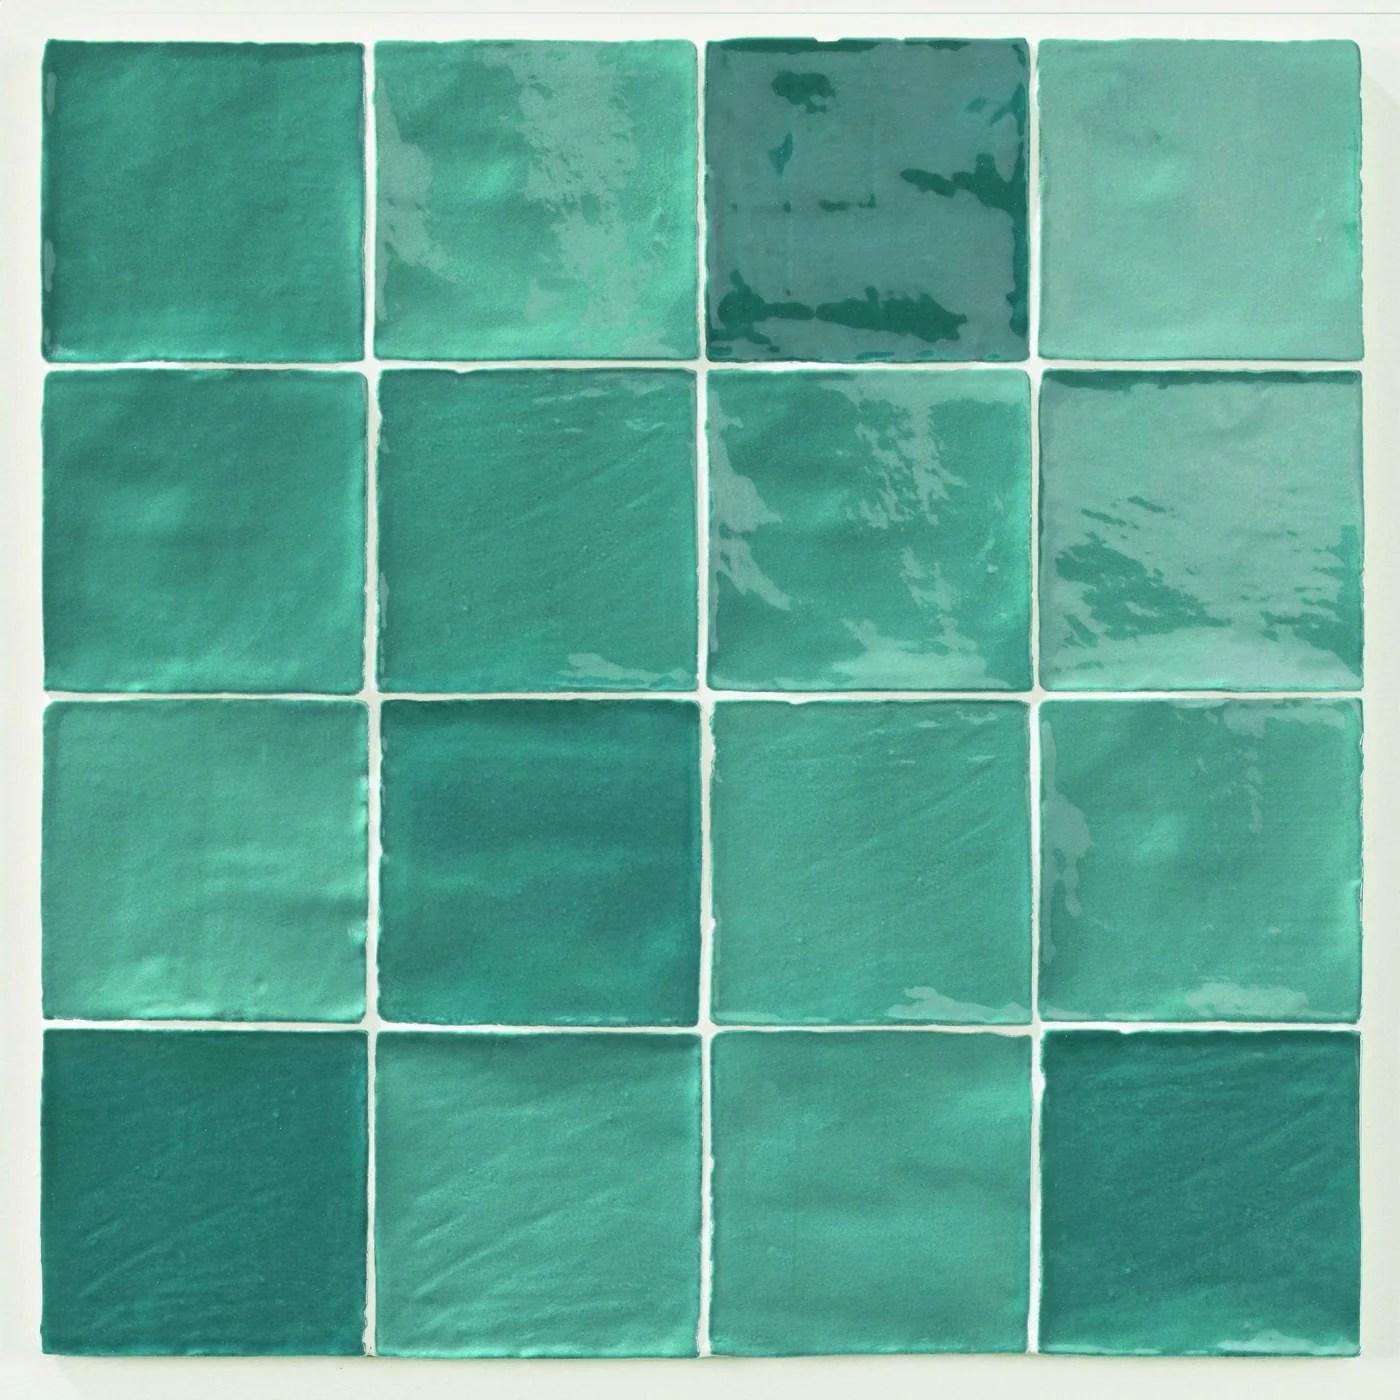 04stow04 tur 4x4 ceramic tile